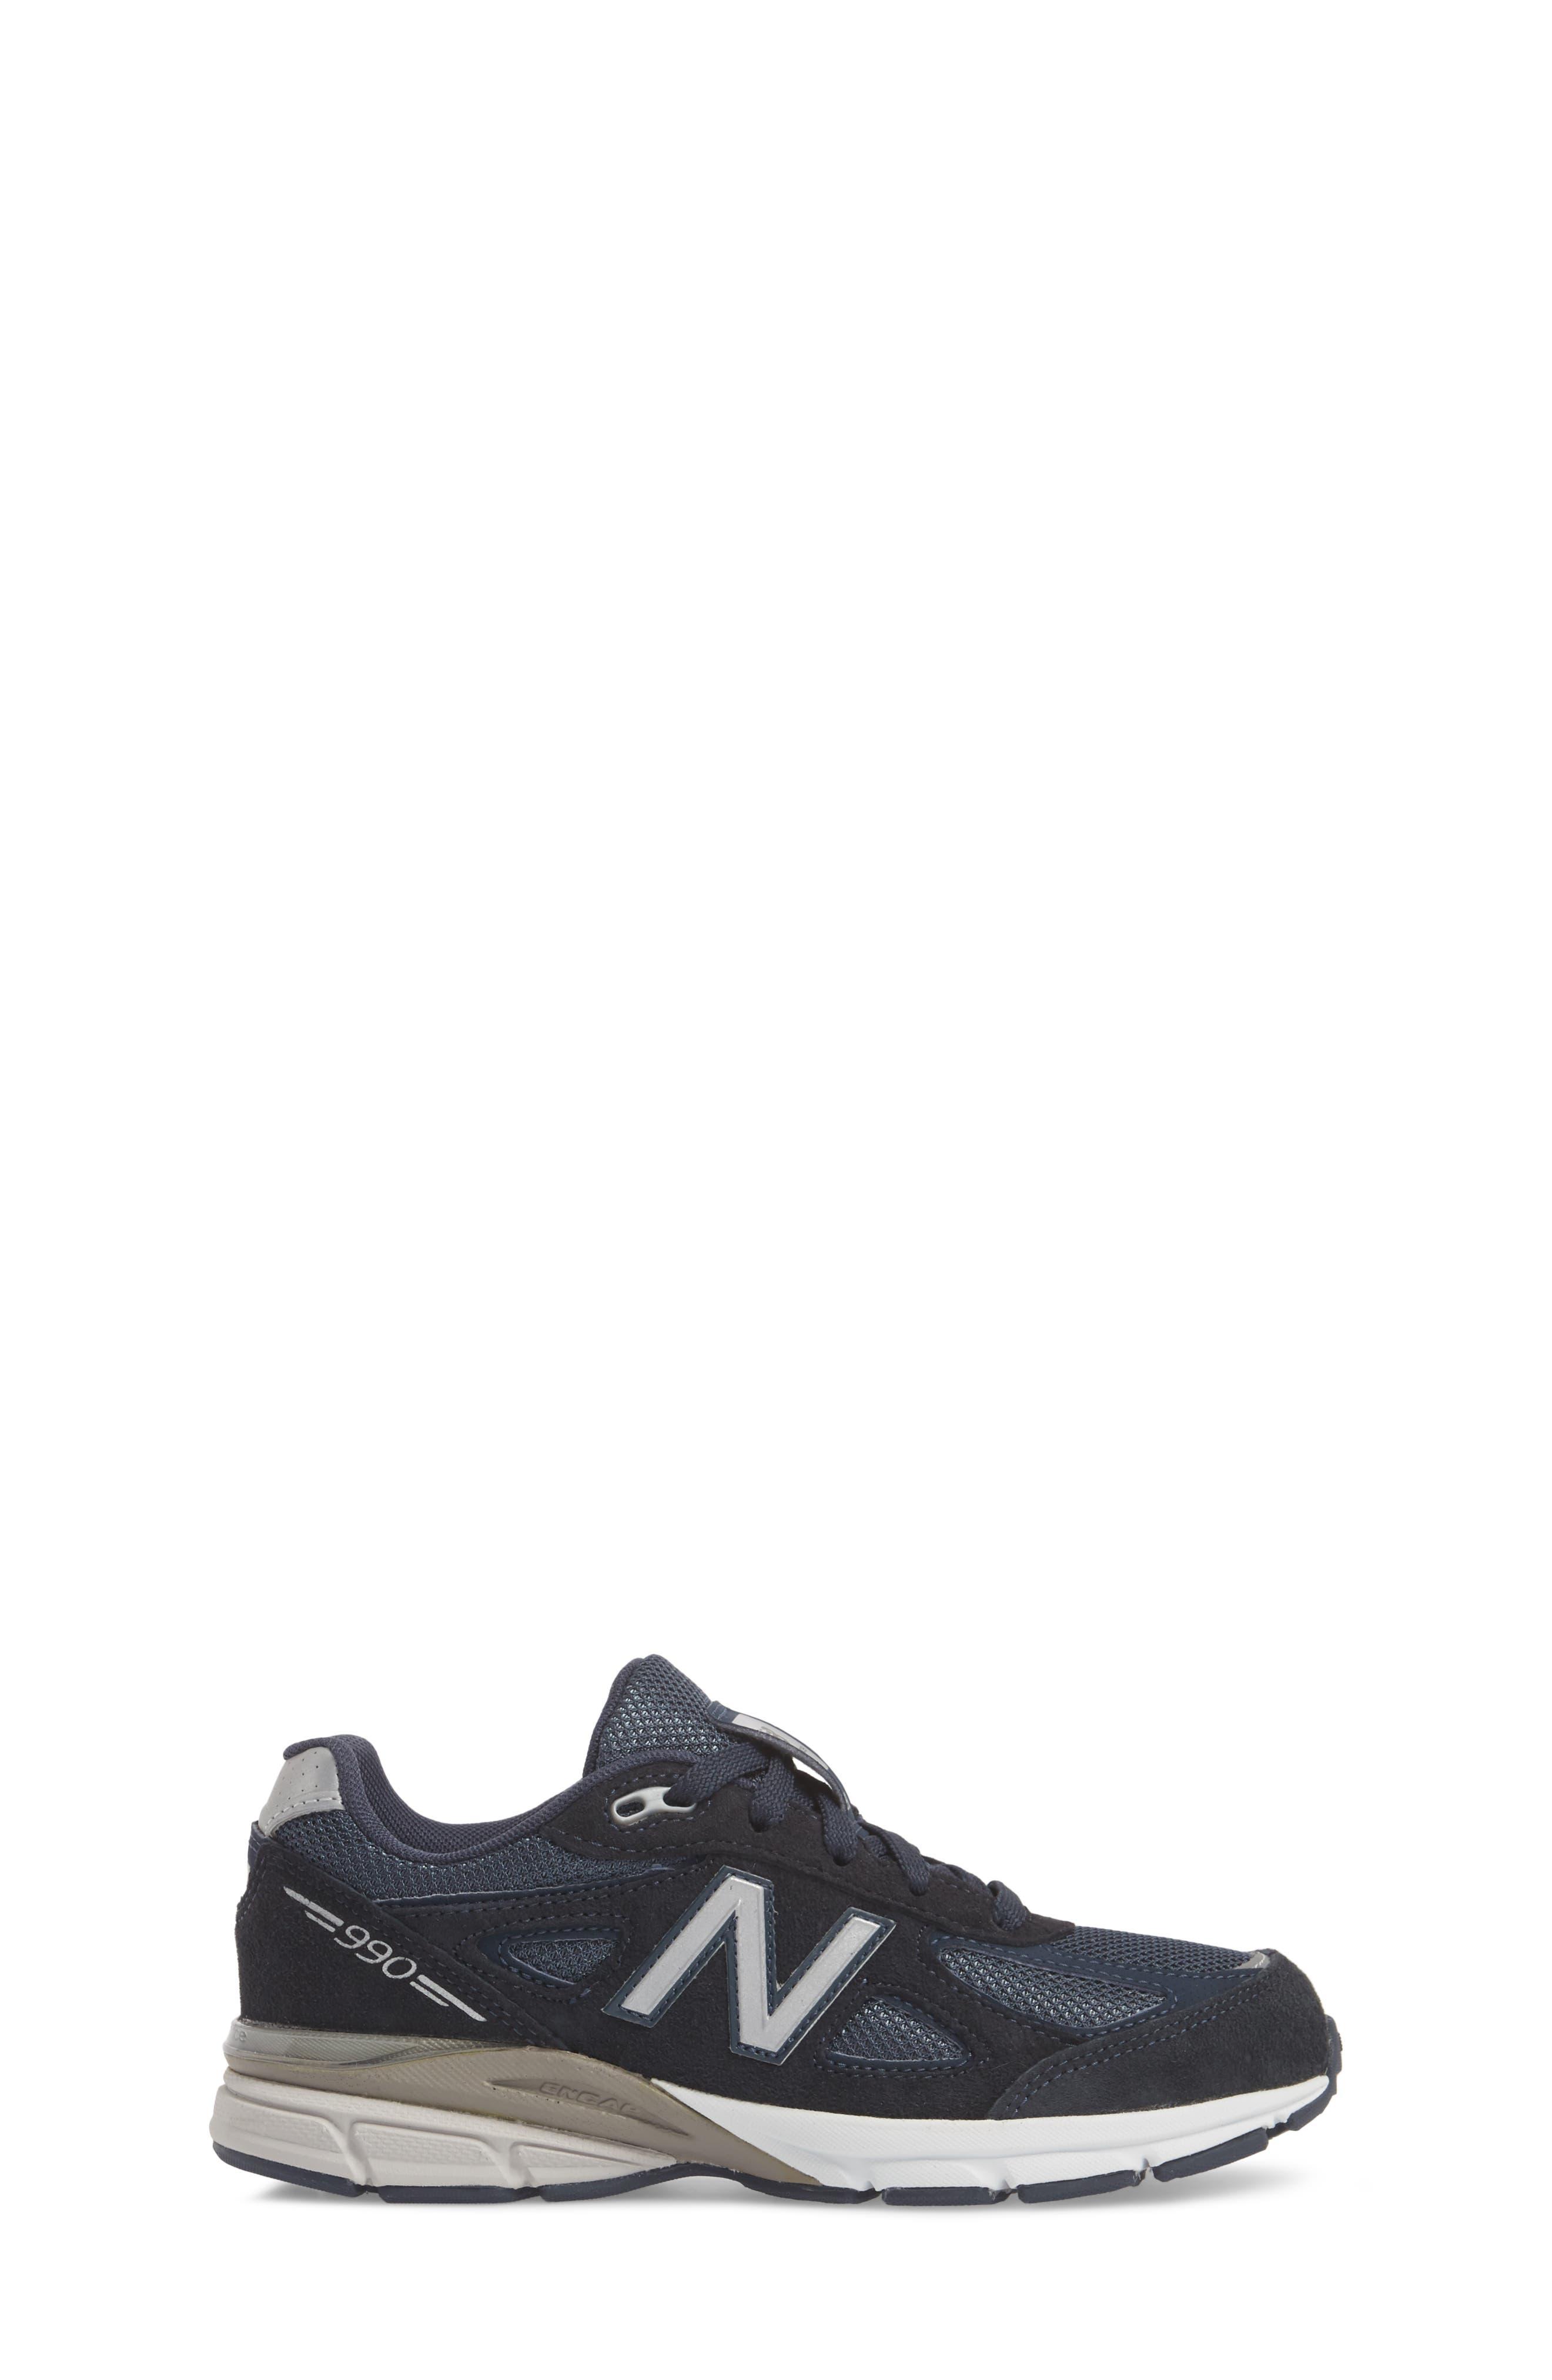 990v4 Sneaker,                             Alternate thumbnail 3, color,